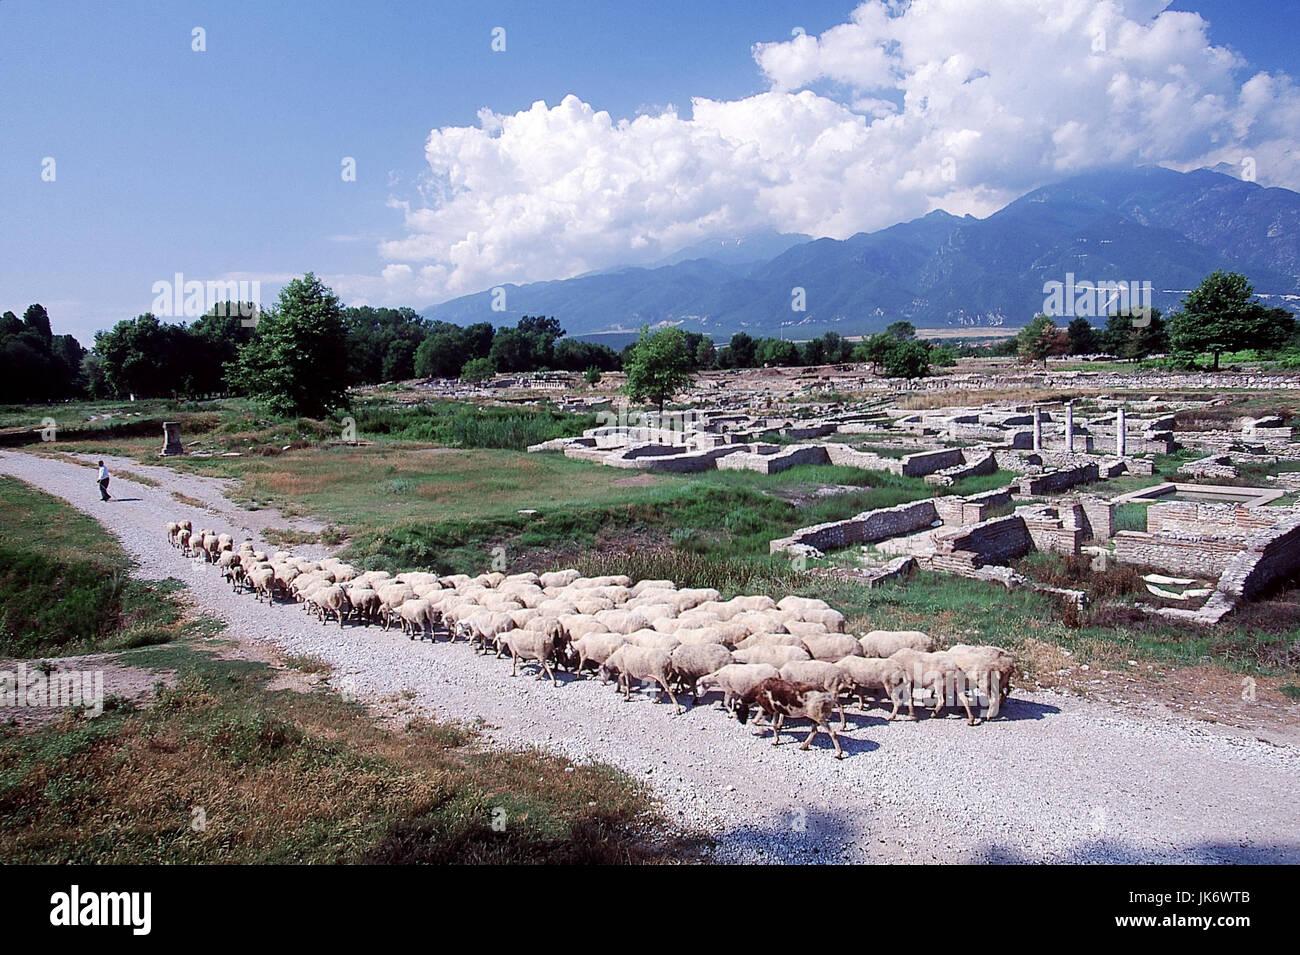 Griechenland, Makedonien, Dion, Ausgrabungsstätte, Ruine, Isis-Heiligtum, Schafhirte, Schafherde Zentralmakedonien, Stock Photo